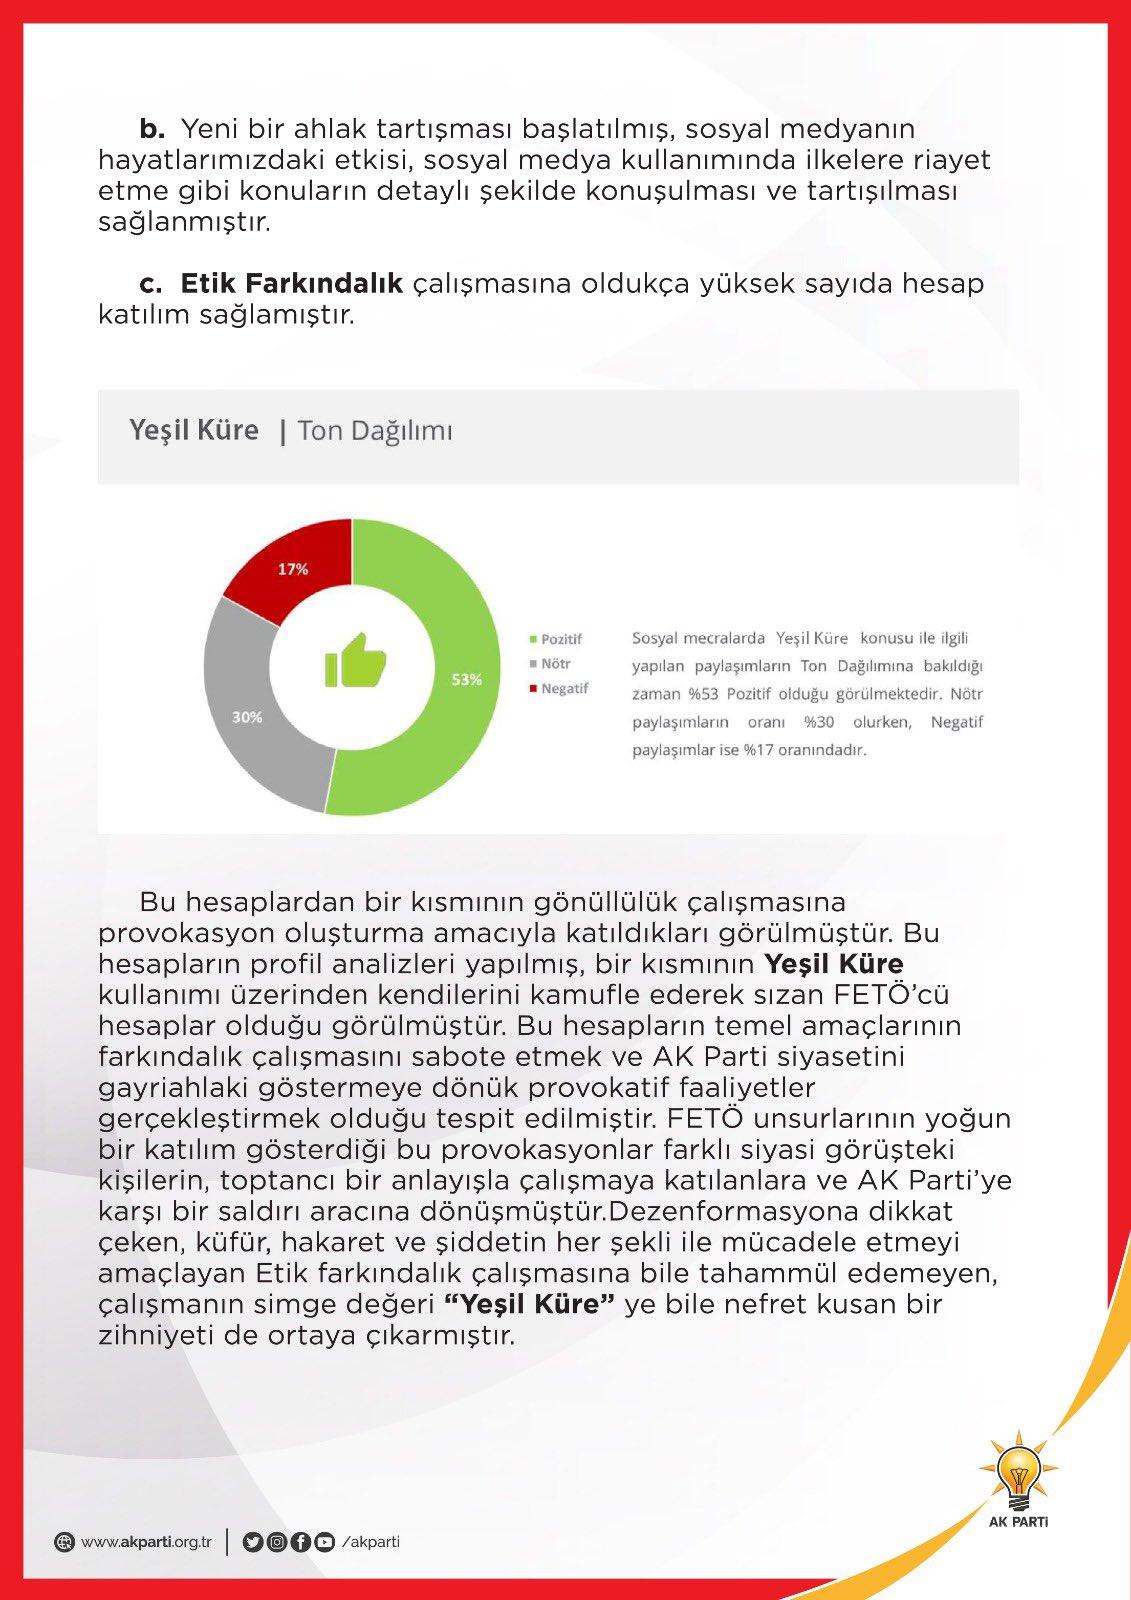 aiidomidrmb - Tartışmalar sonrasında Ak Parti 'yeşil topu' kaldırdı